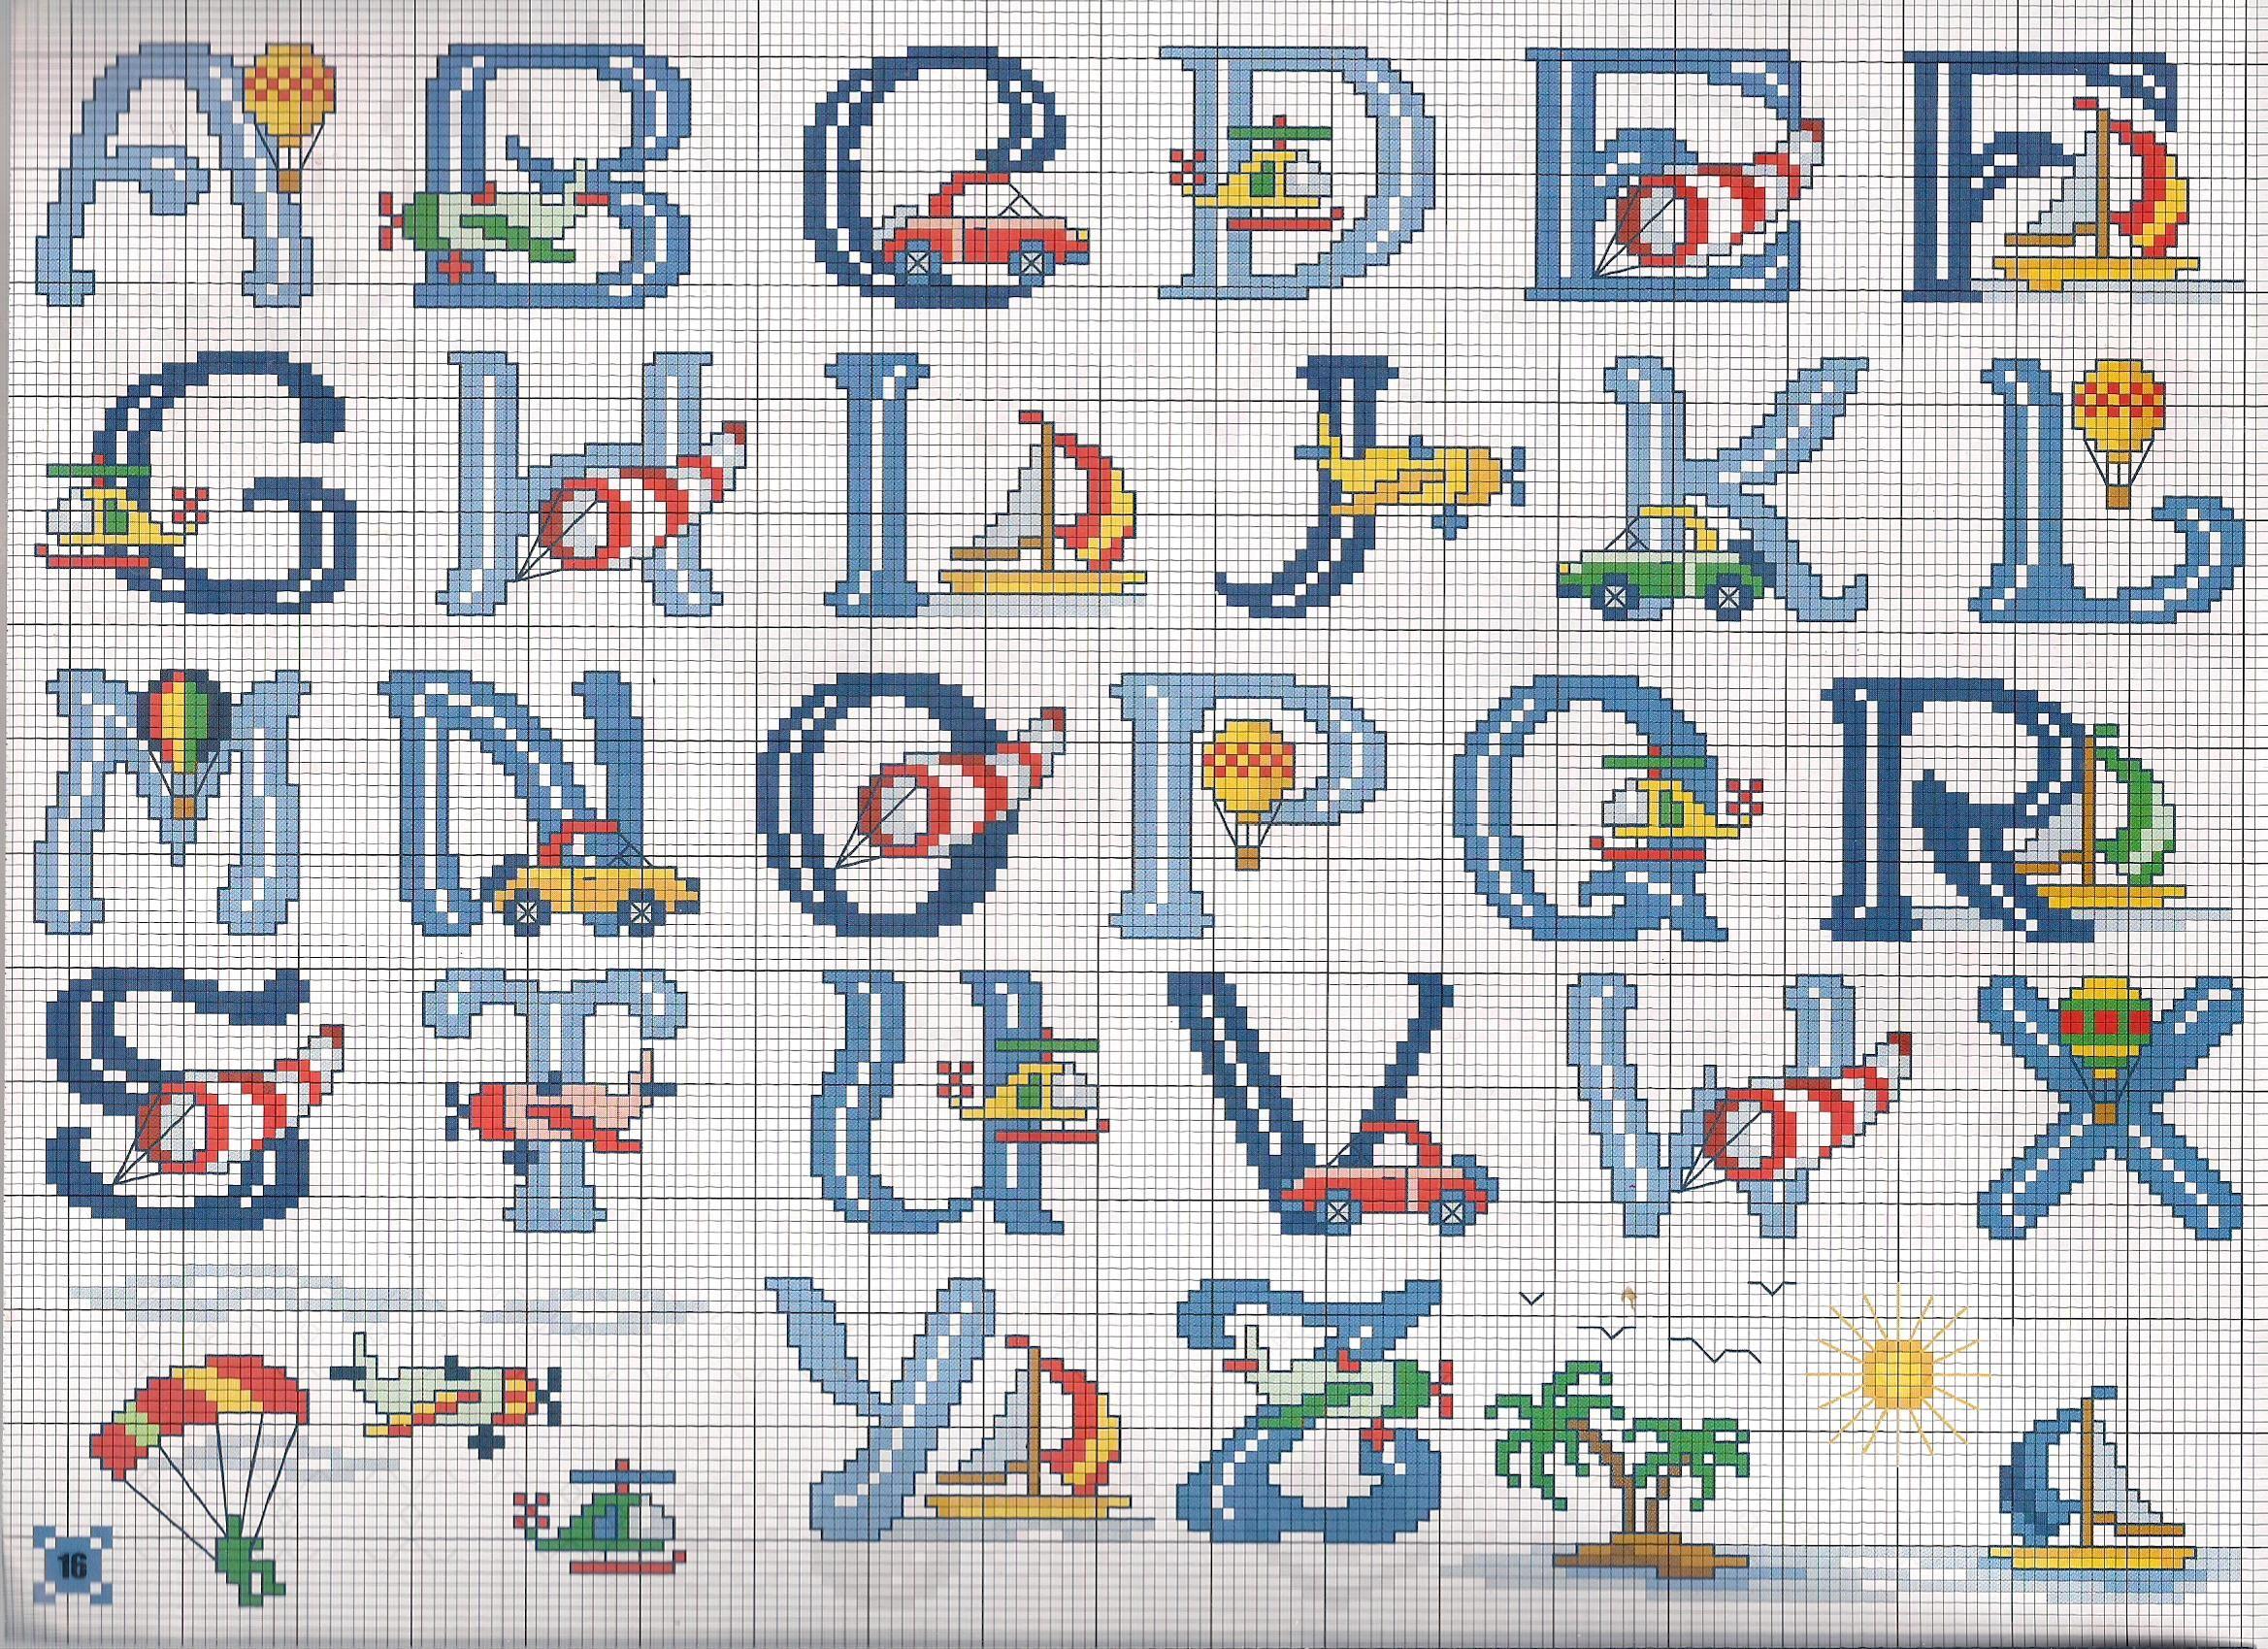 Alfabeto mezzi trasporto punto croce for Alfabeti a punto croce per bambini